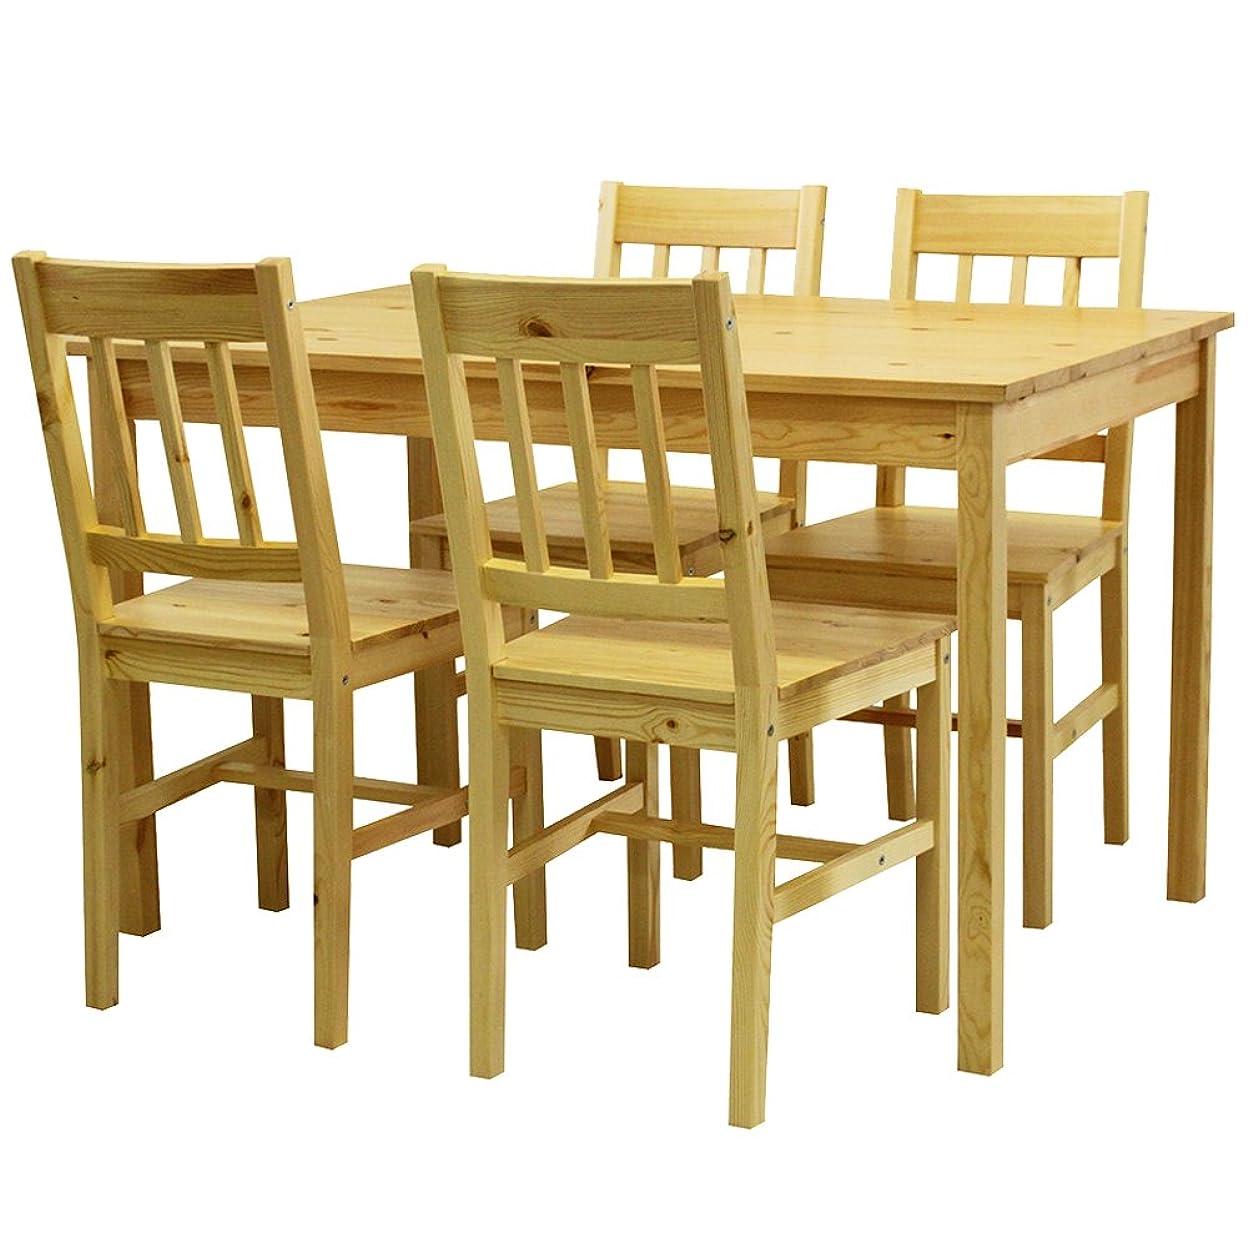 まっすぐ完全に乾く宝タマリビング ダイニングテーブル 5点セット パイン ナチュラル 50001551